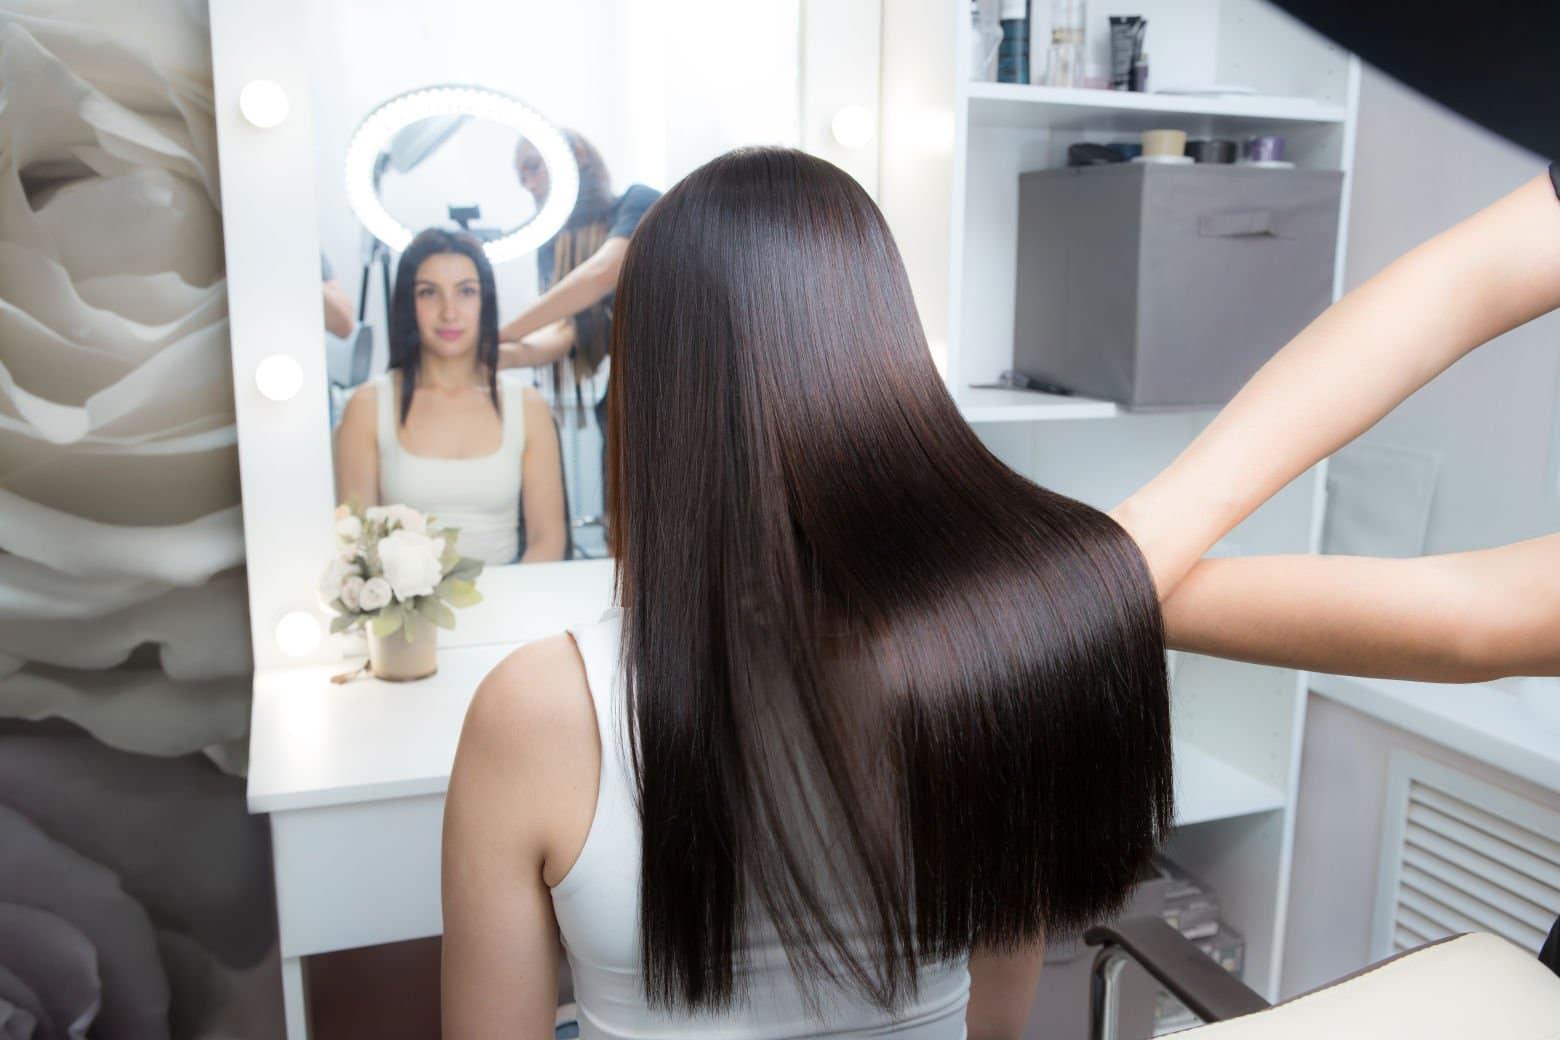 Olá, cabelo de sonho! Estas 7 dicas fazem o seu cabelo brotar